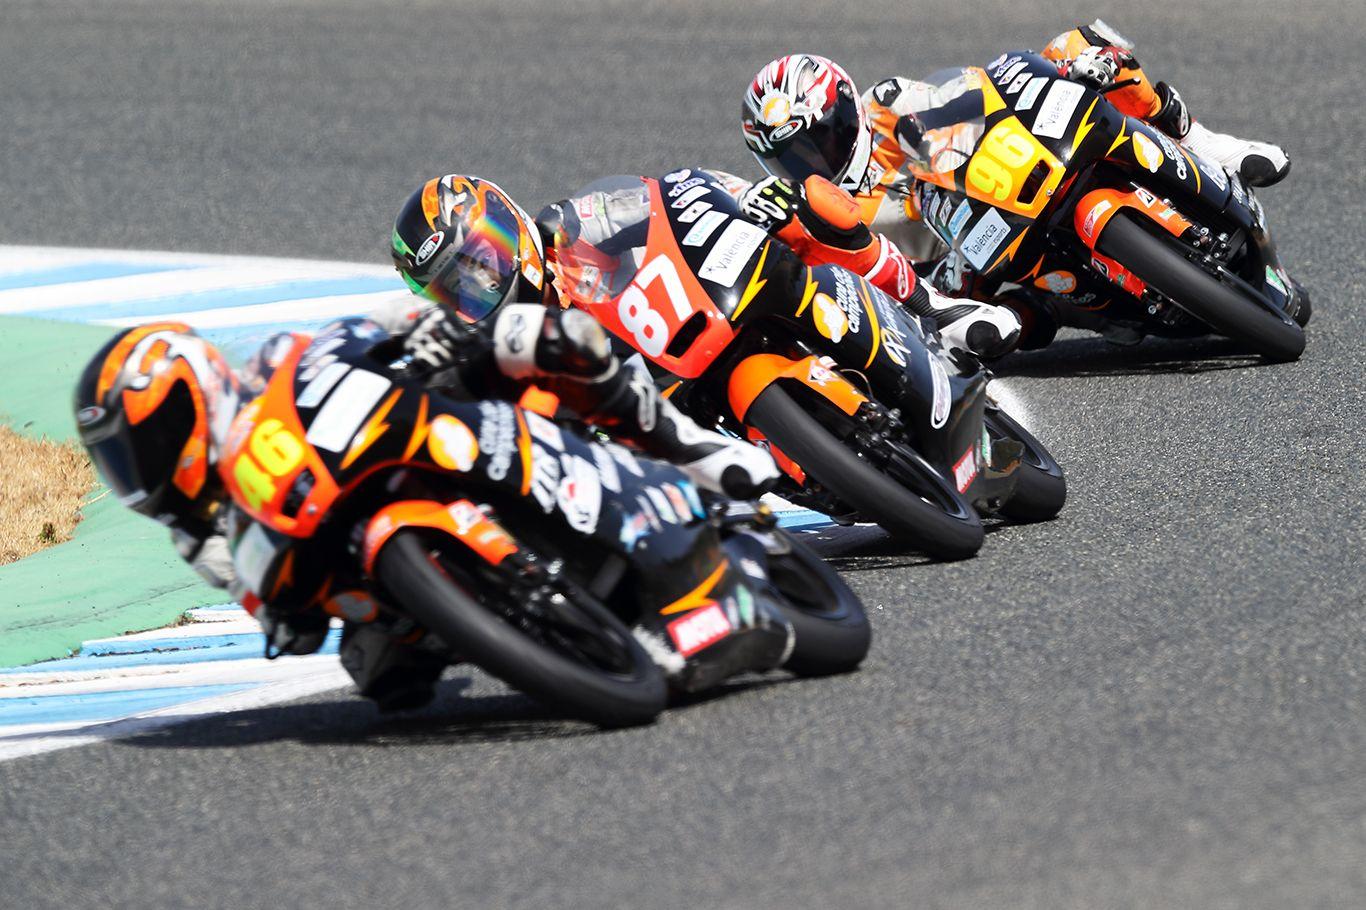 Circuito de Jerez, 04 septiembre de 2016 | Imagen de Christian Cantizano